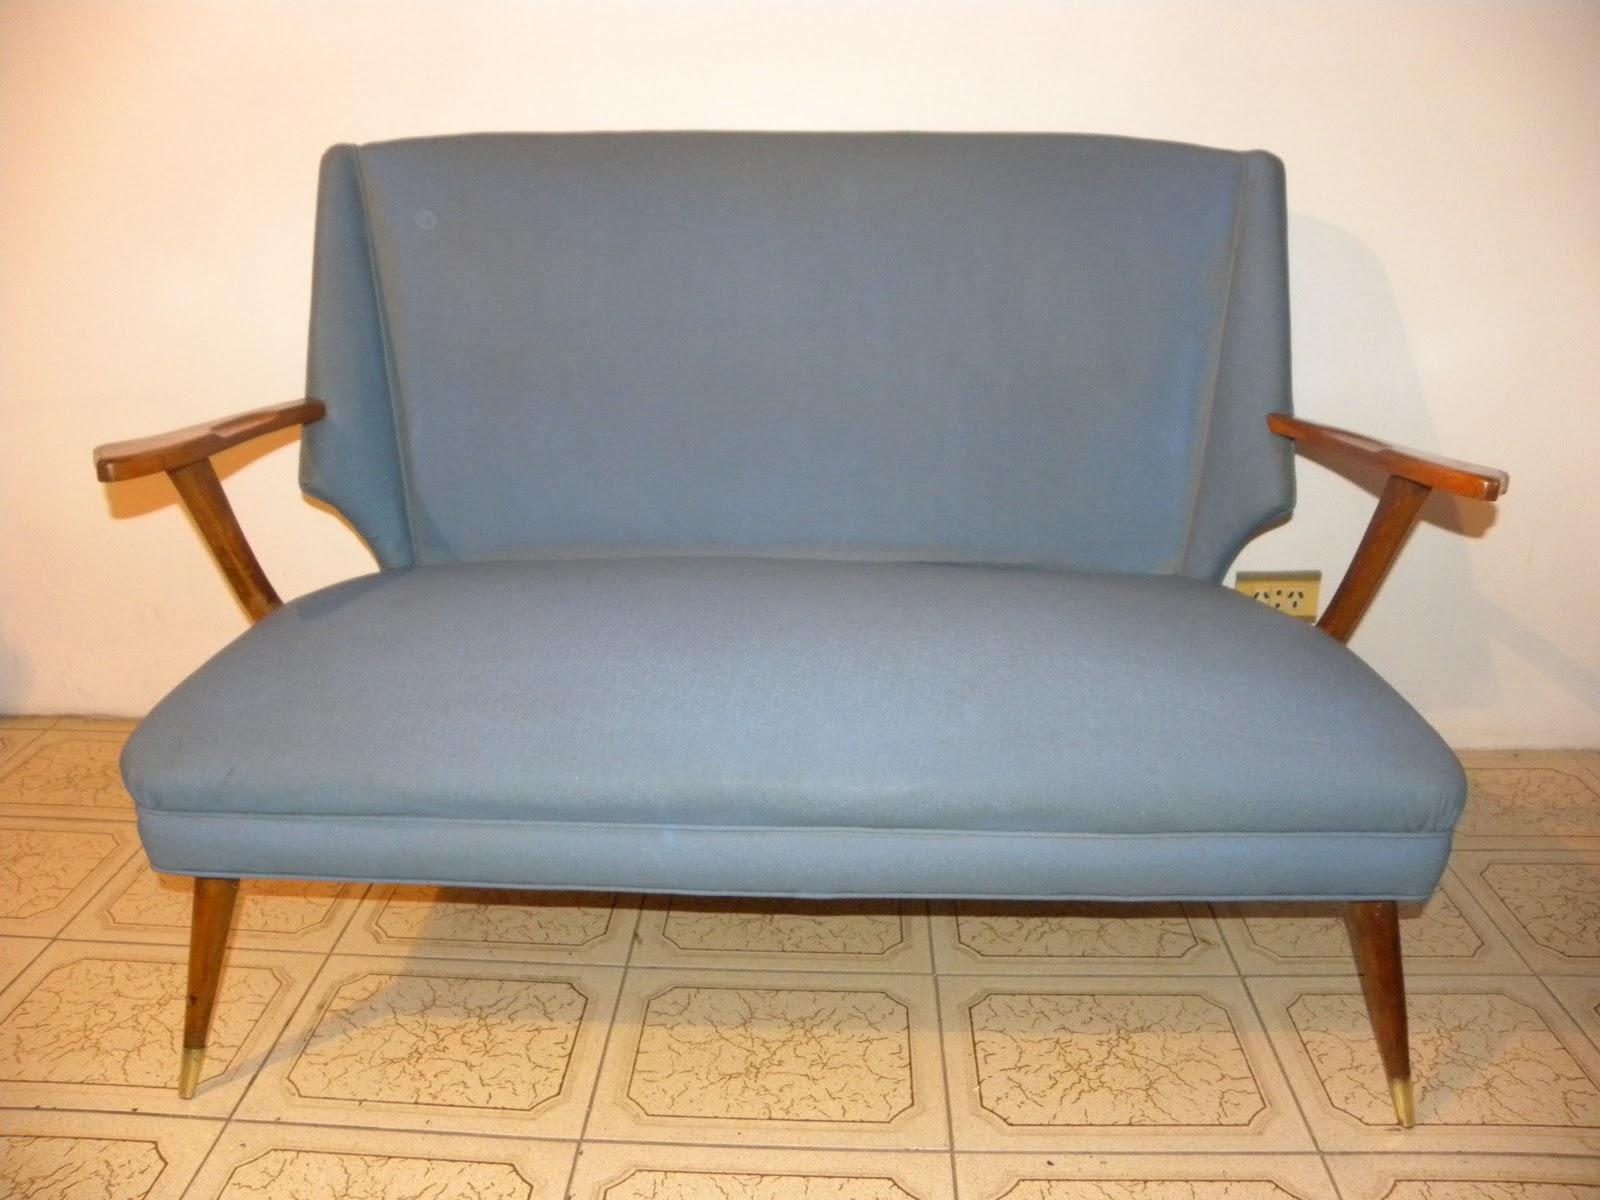 Deco retro vintage juego de sillones americanos - Sillones vintage retro ...